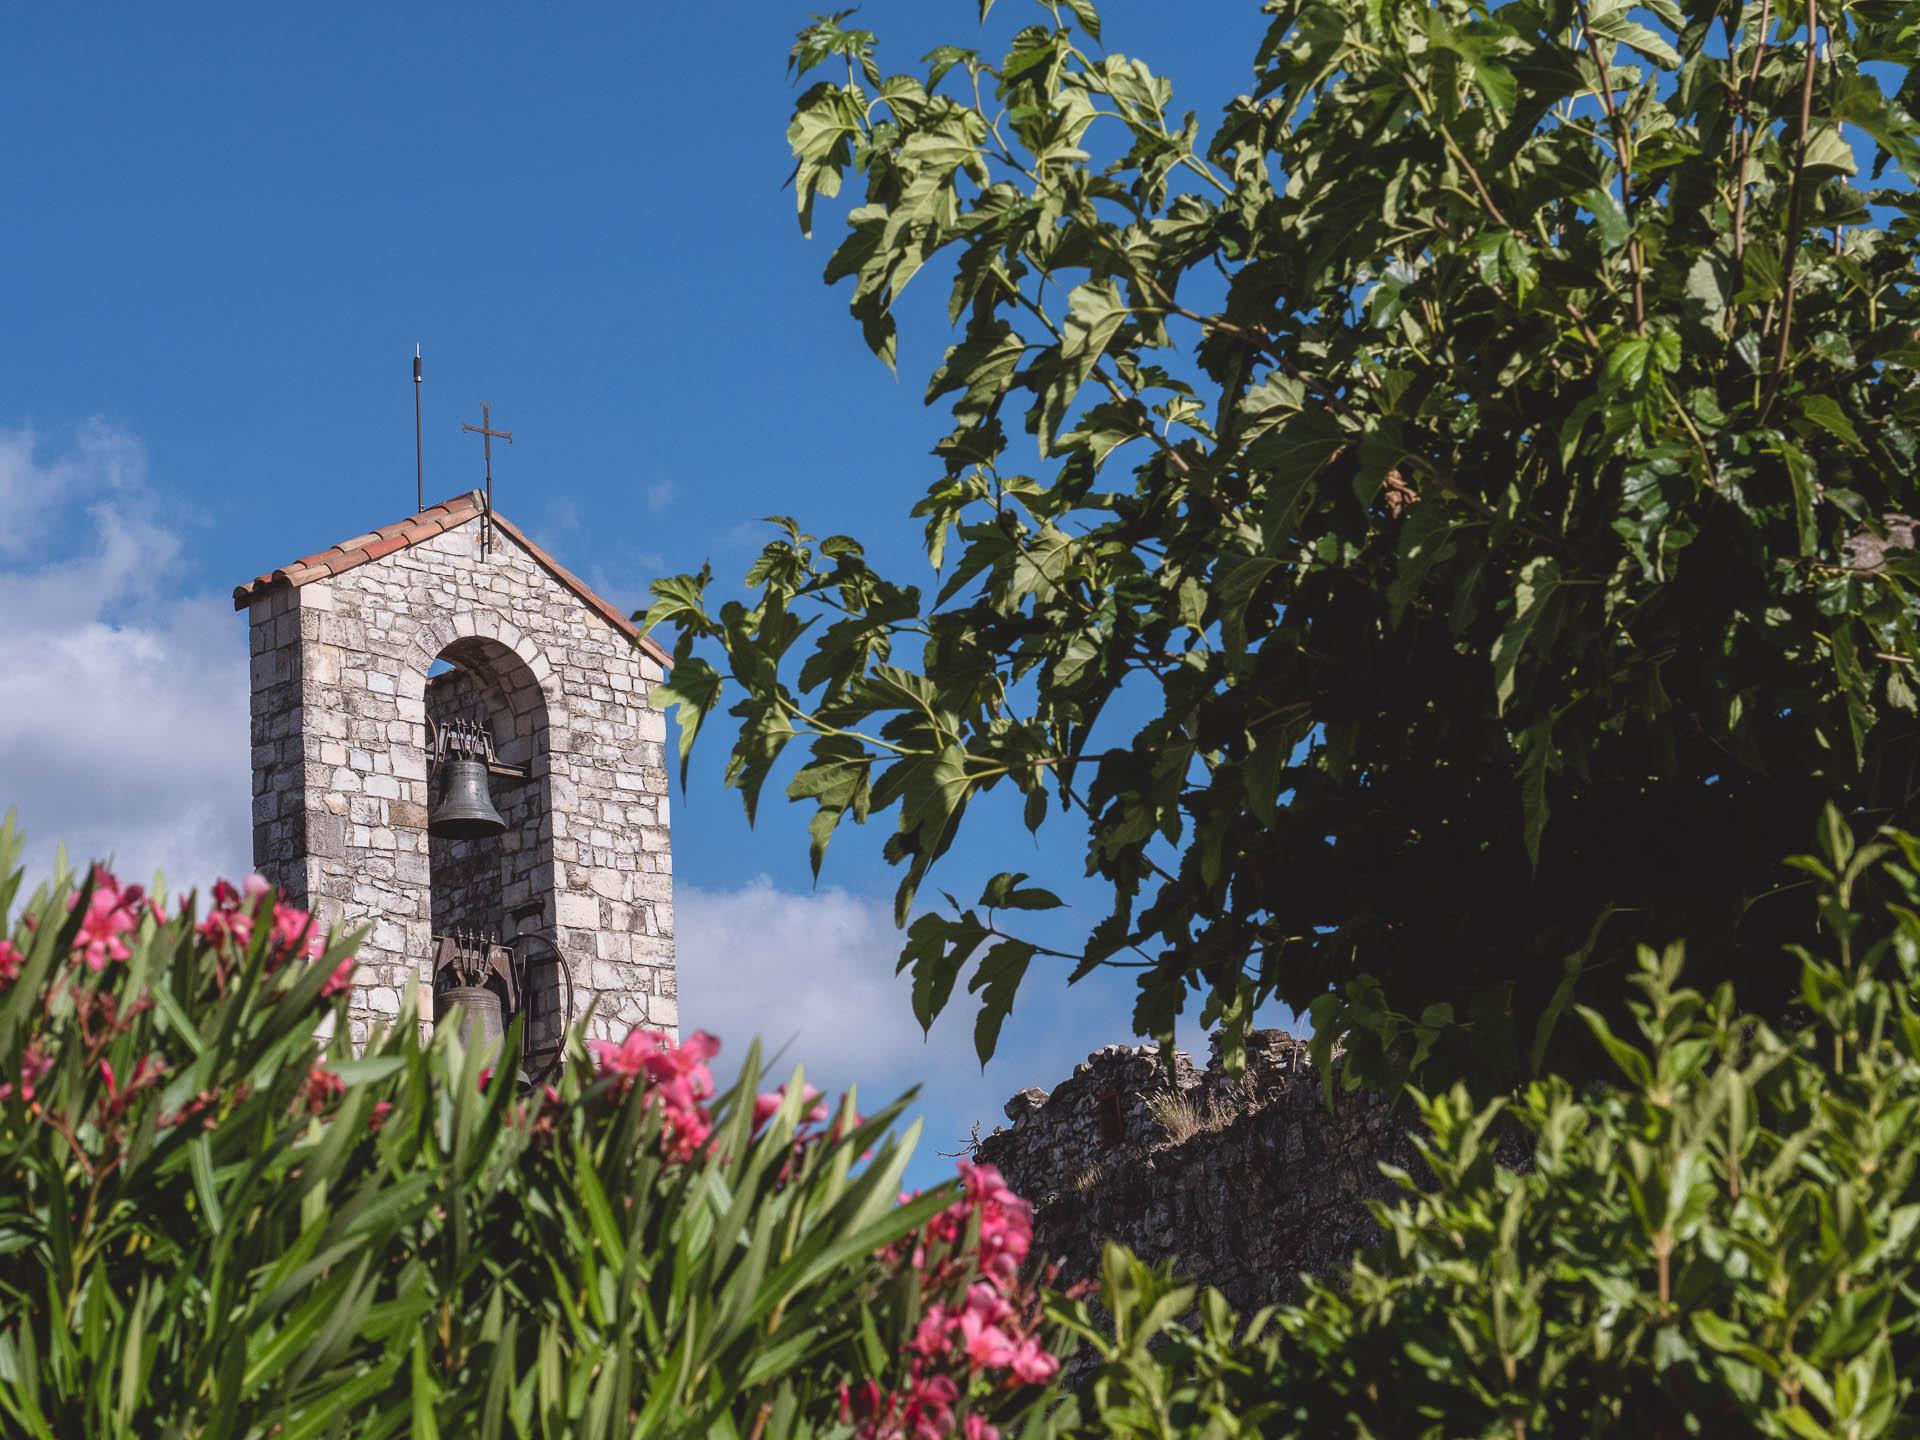 drôme sauzet église - Les globe blogueurs - blog voyage nature